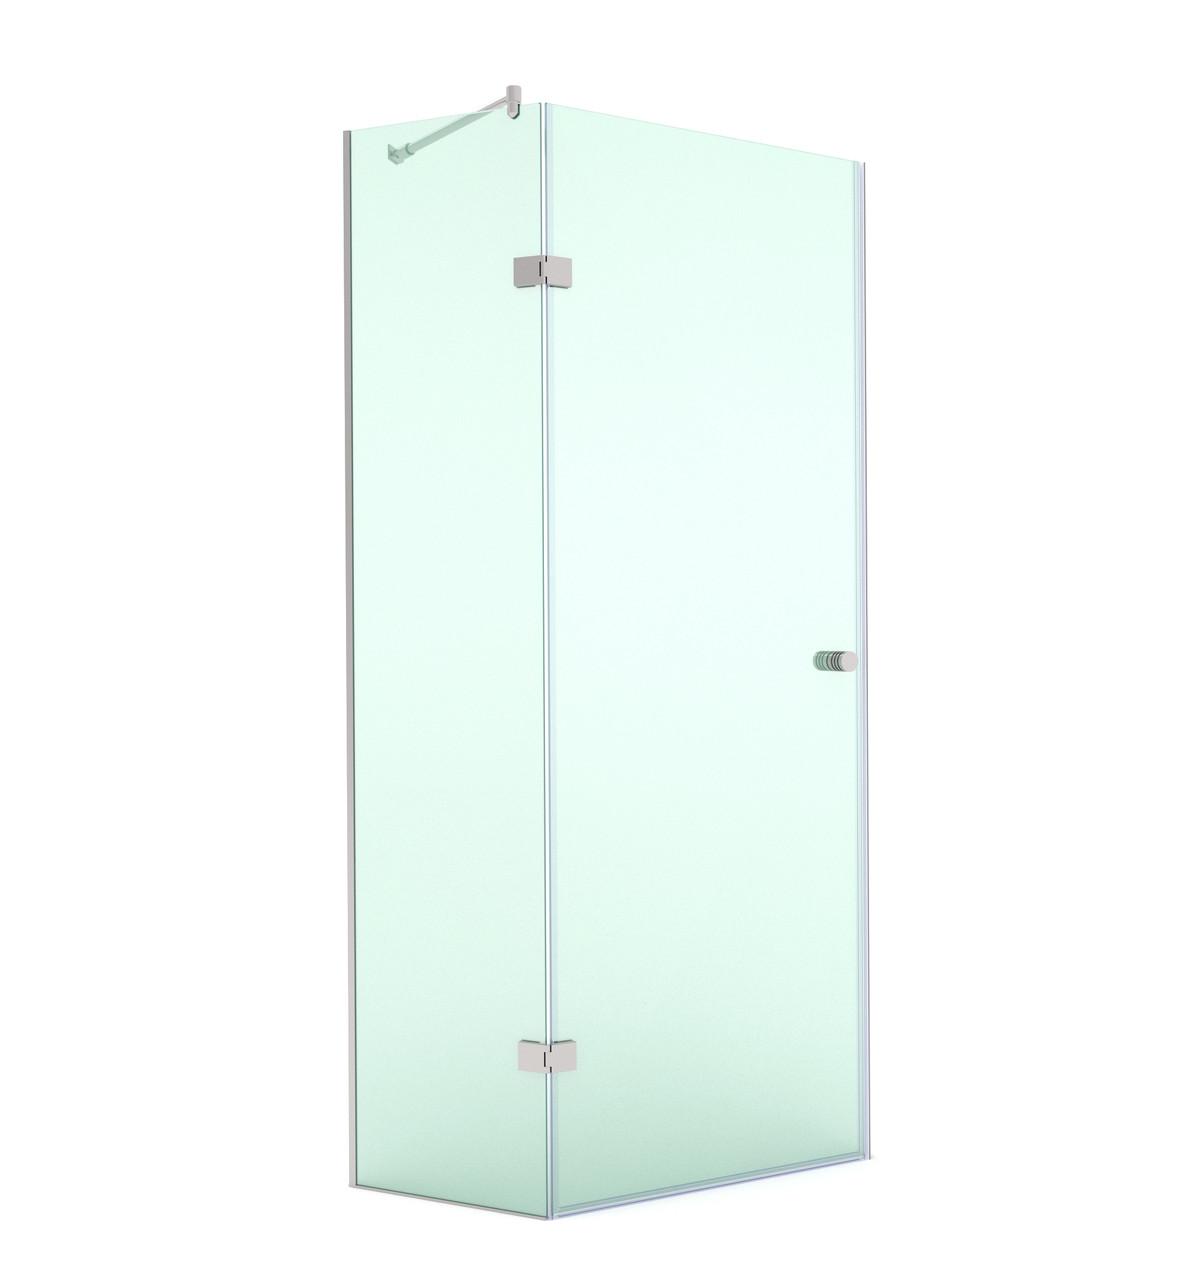 Стеклянные двери для душевой, модели SD-02-06